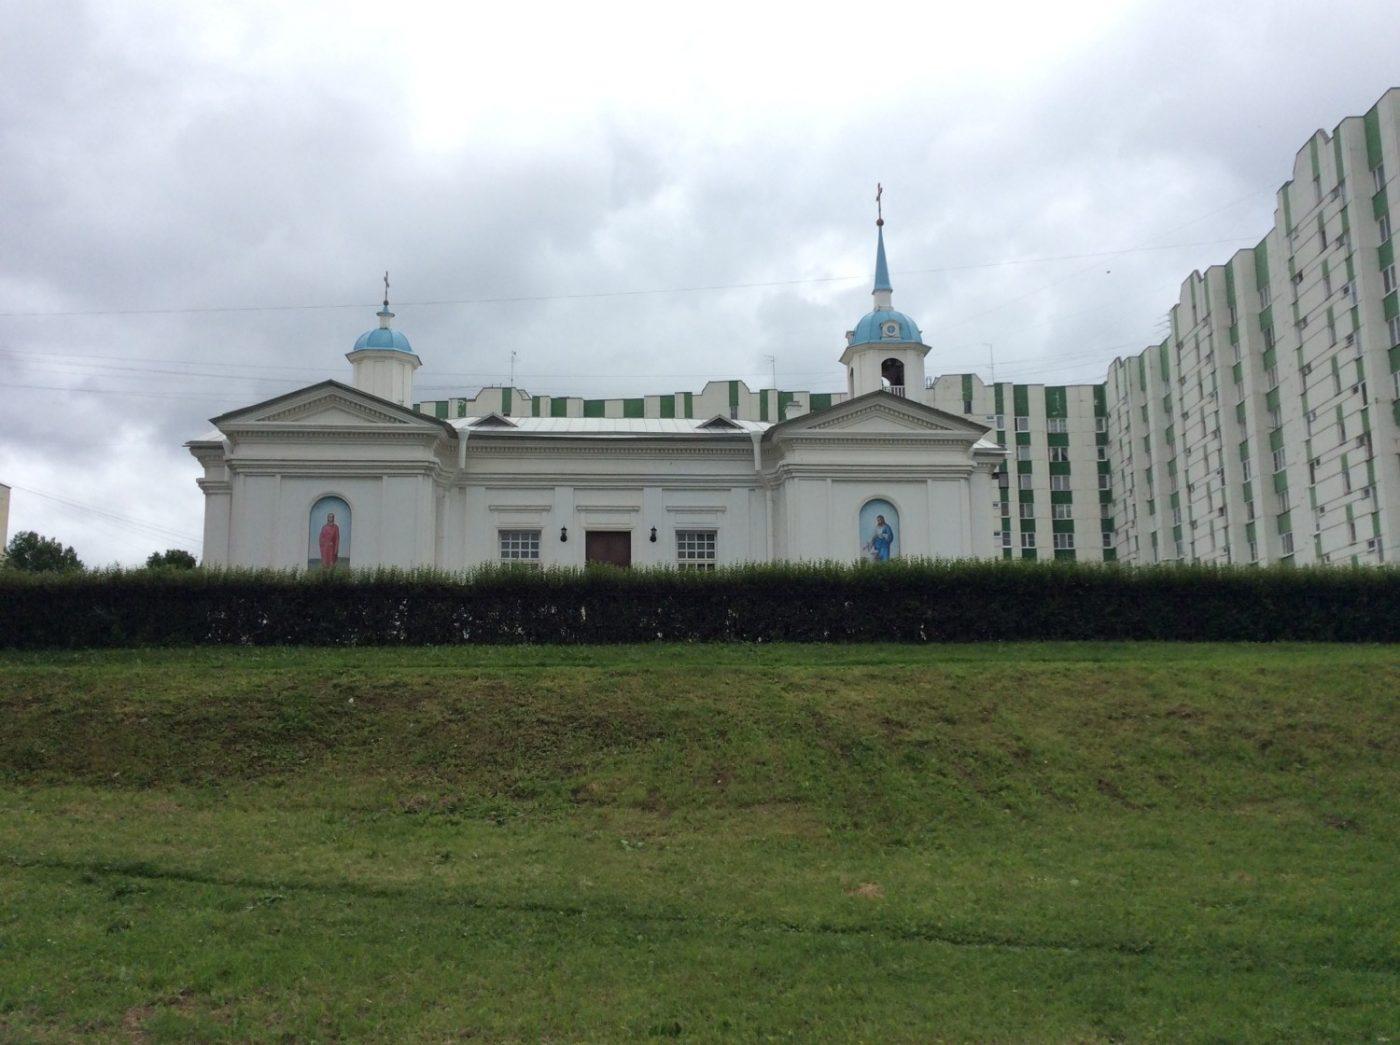 Усадьба Воронцовых: тернистый путь от графского дворца до церкви